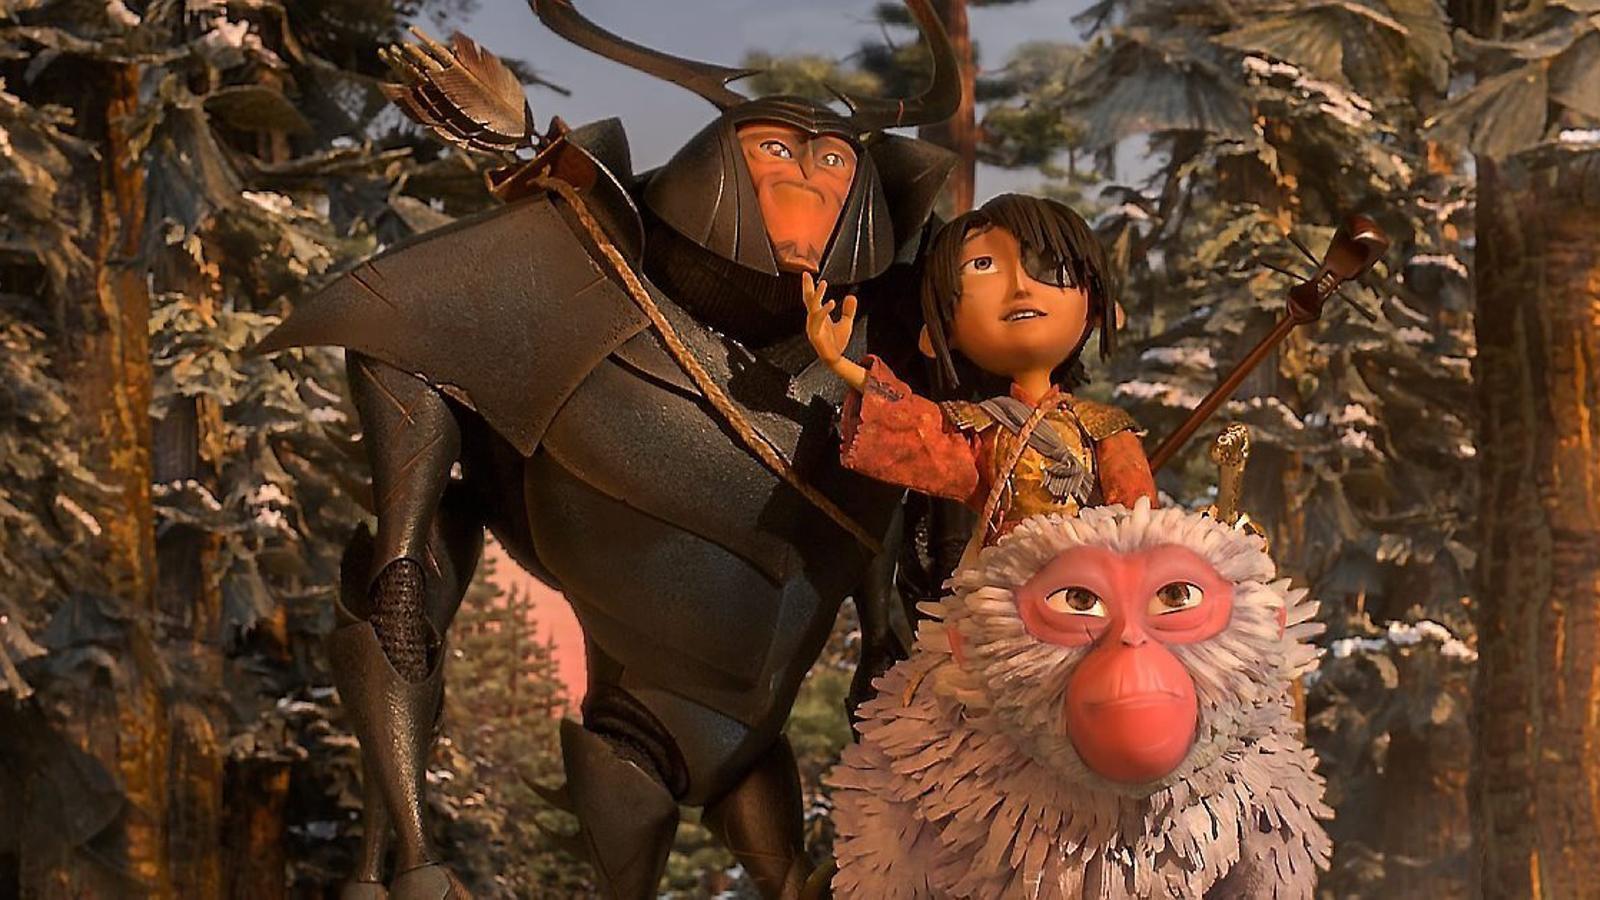 El Kubo lluitarà per salvar la seva família amb l'ajuda dels seus amics Mona i Escarabajo.